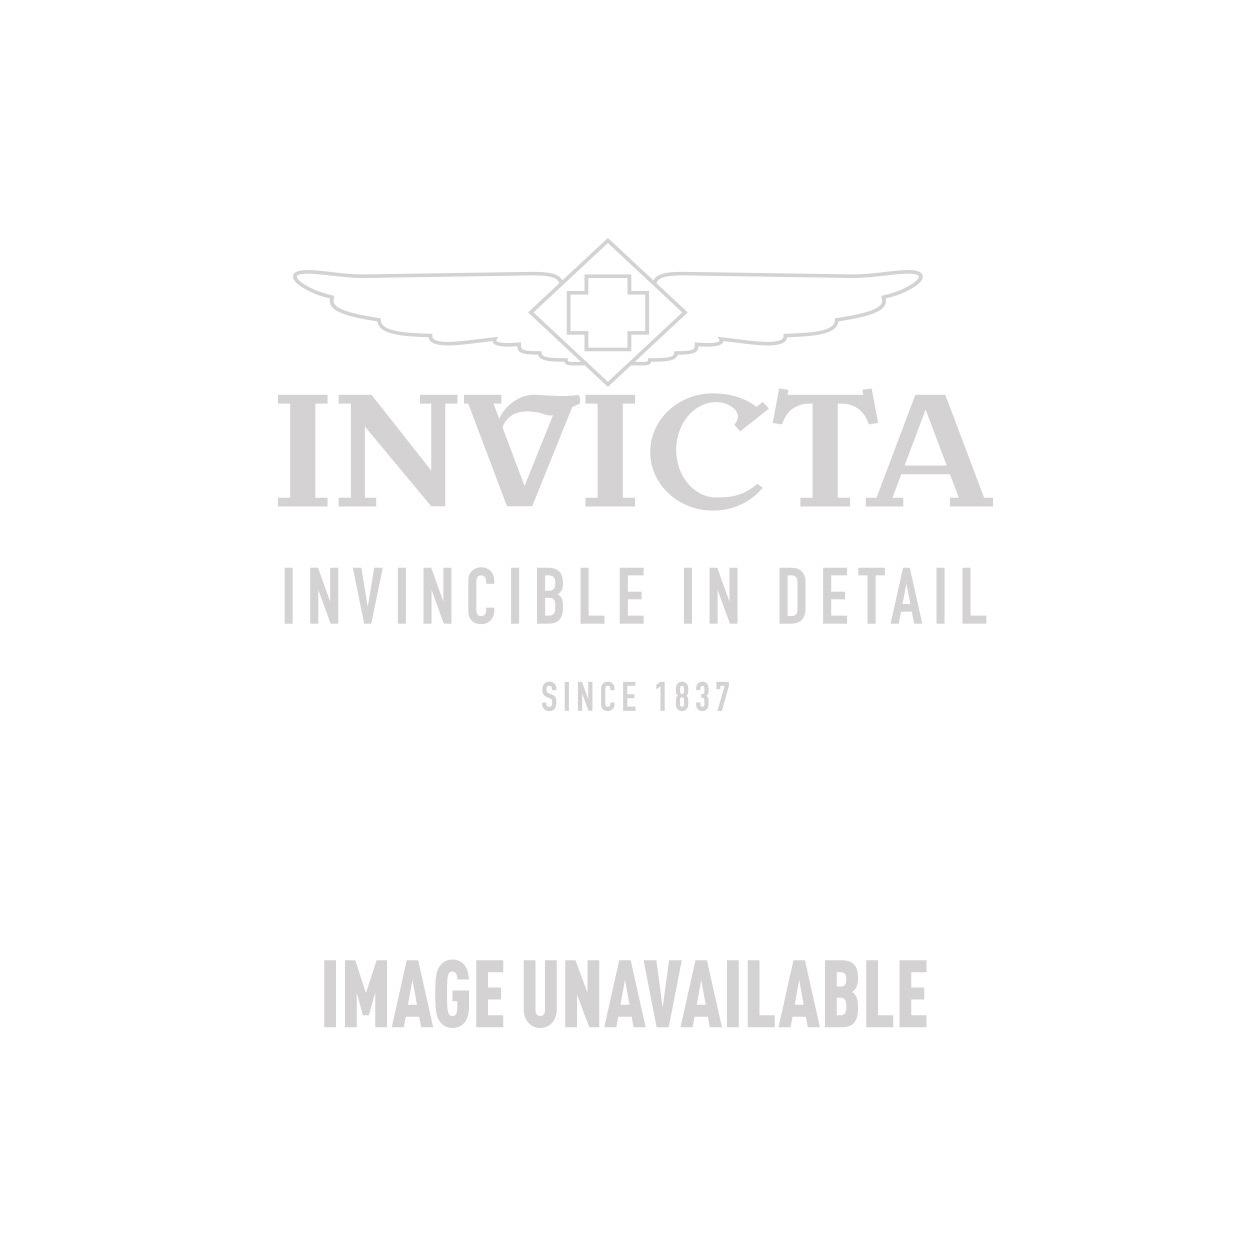 Invicta Model 28926